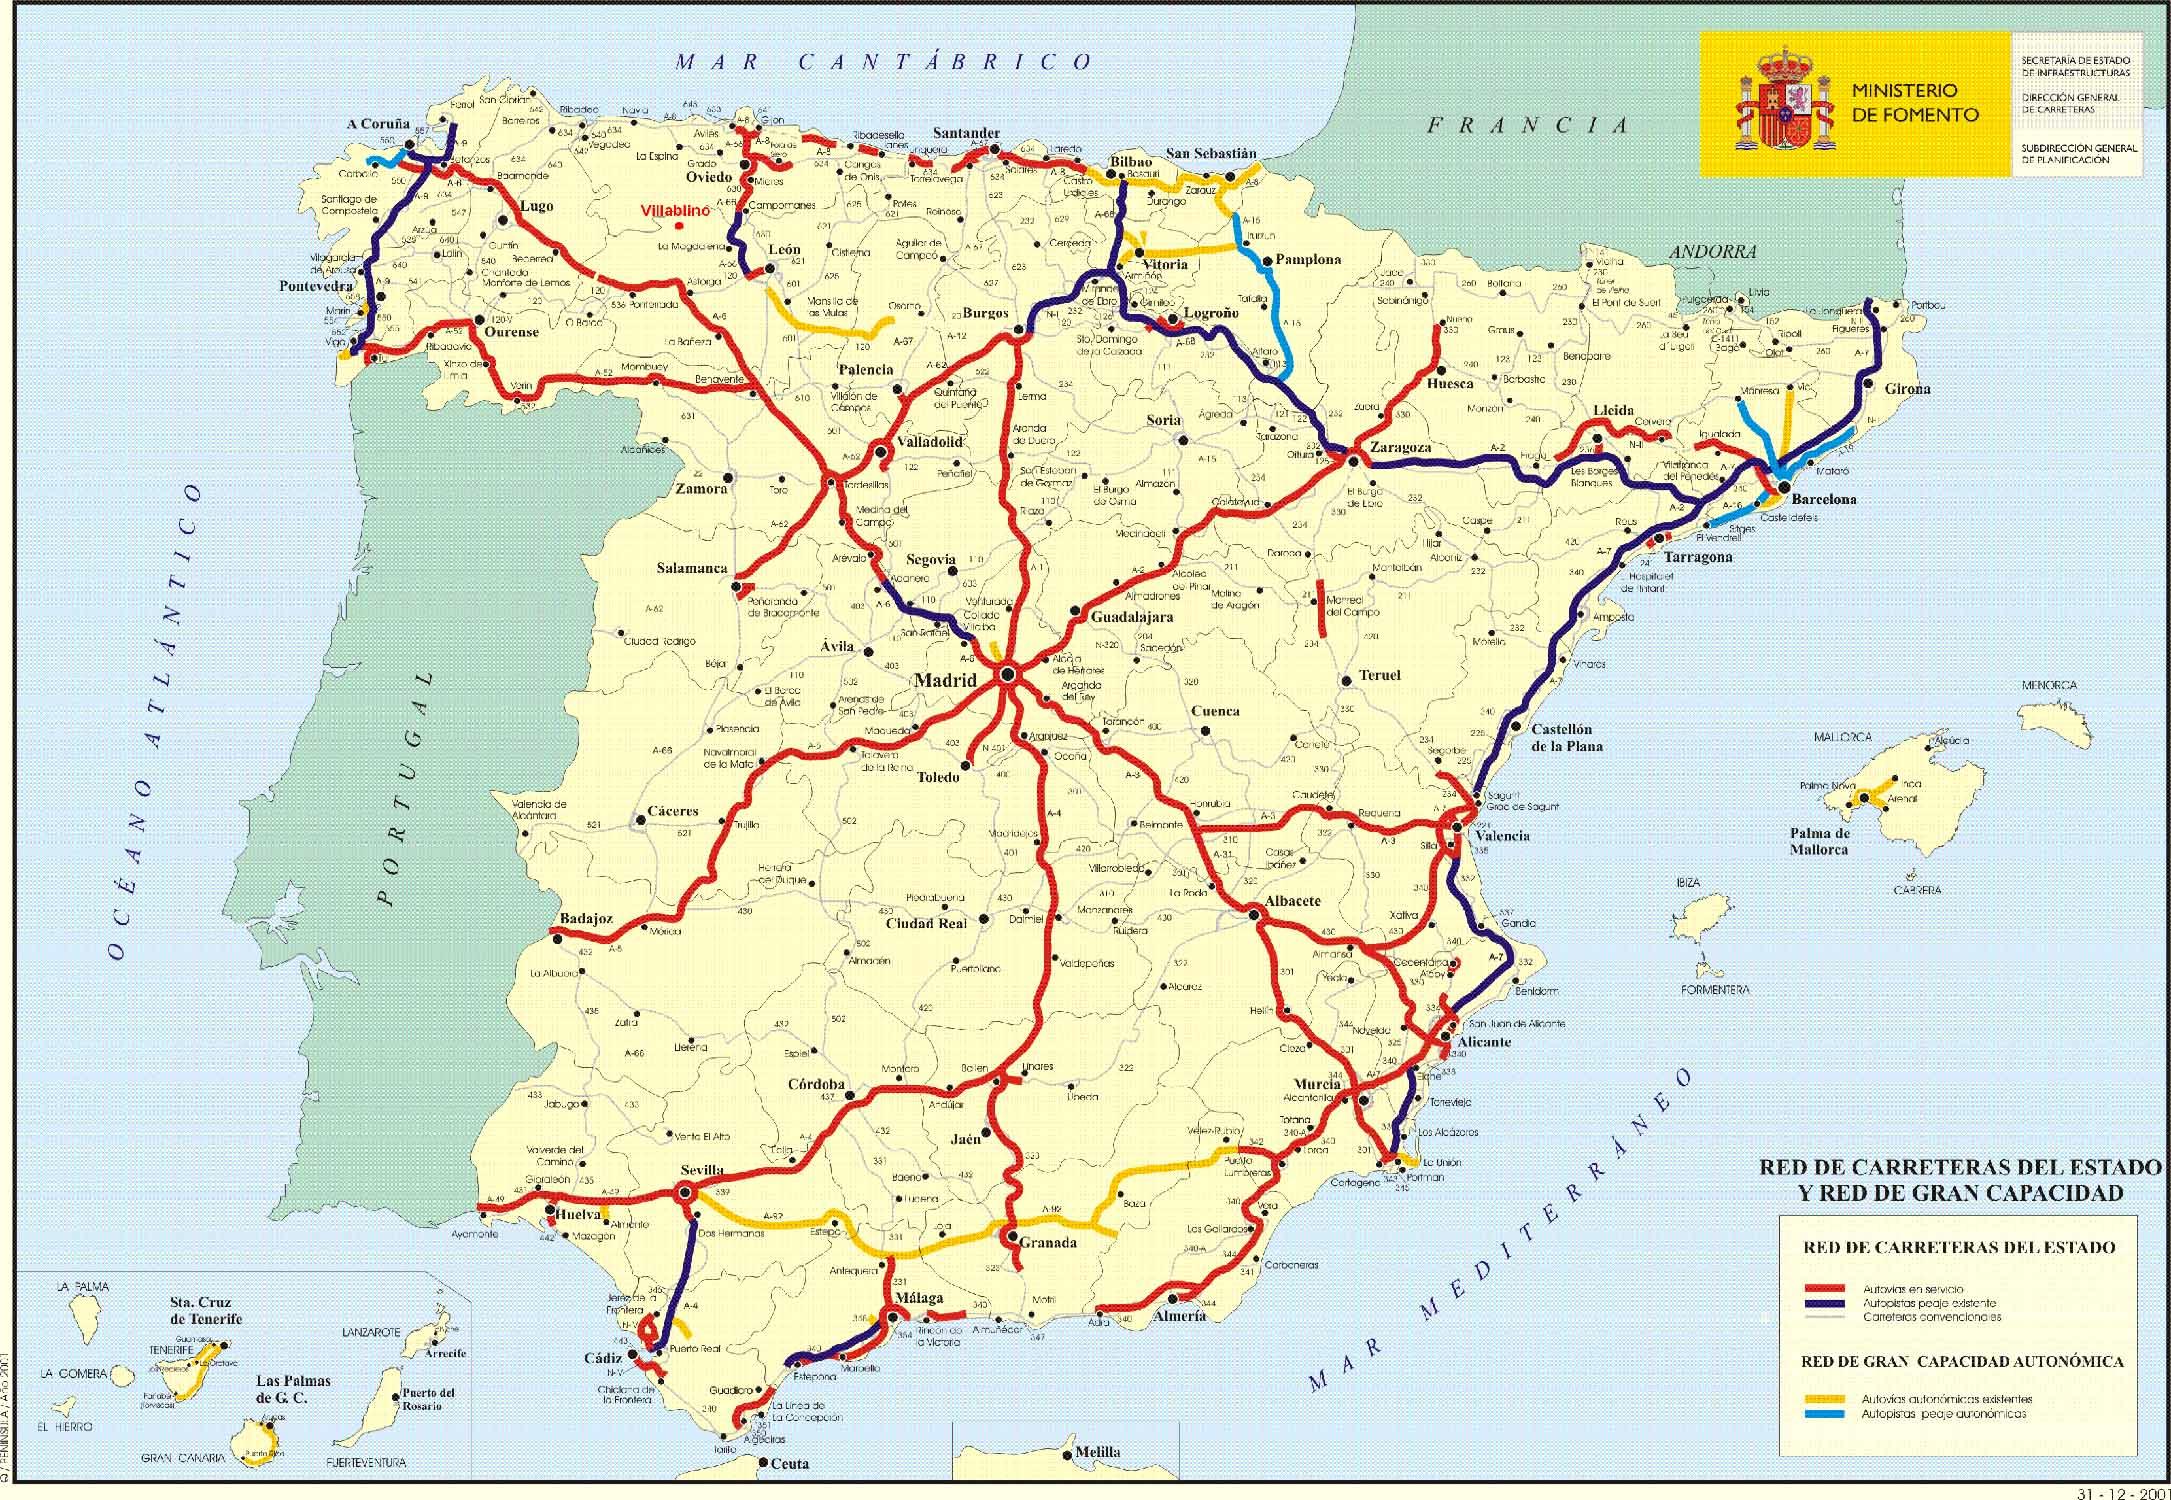 Provincias Mapa De España Carreteras.Carreteras De Espana Turismo Por Espana